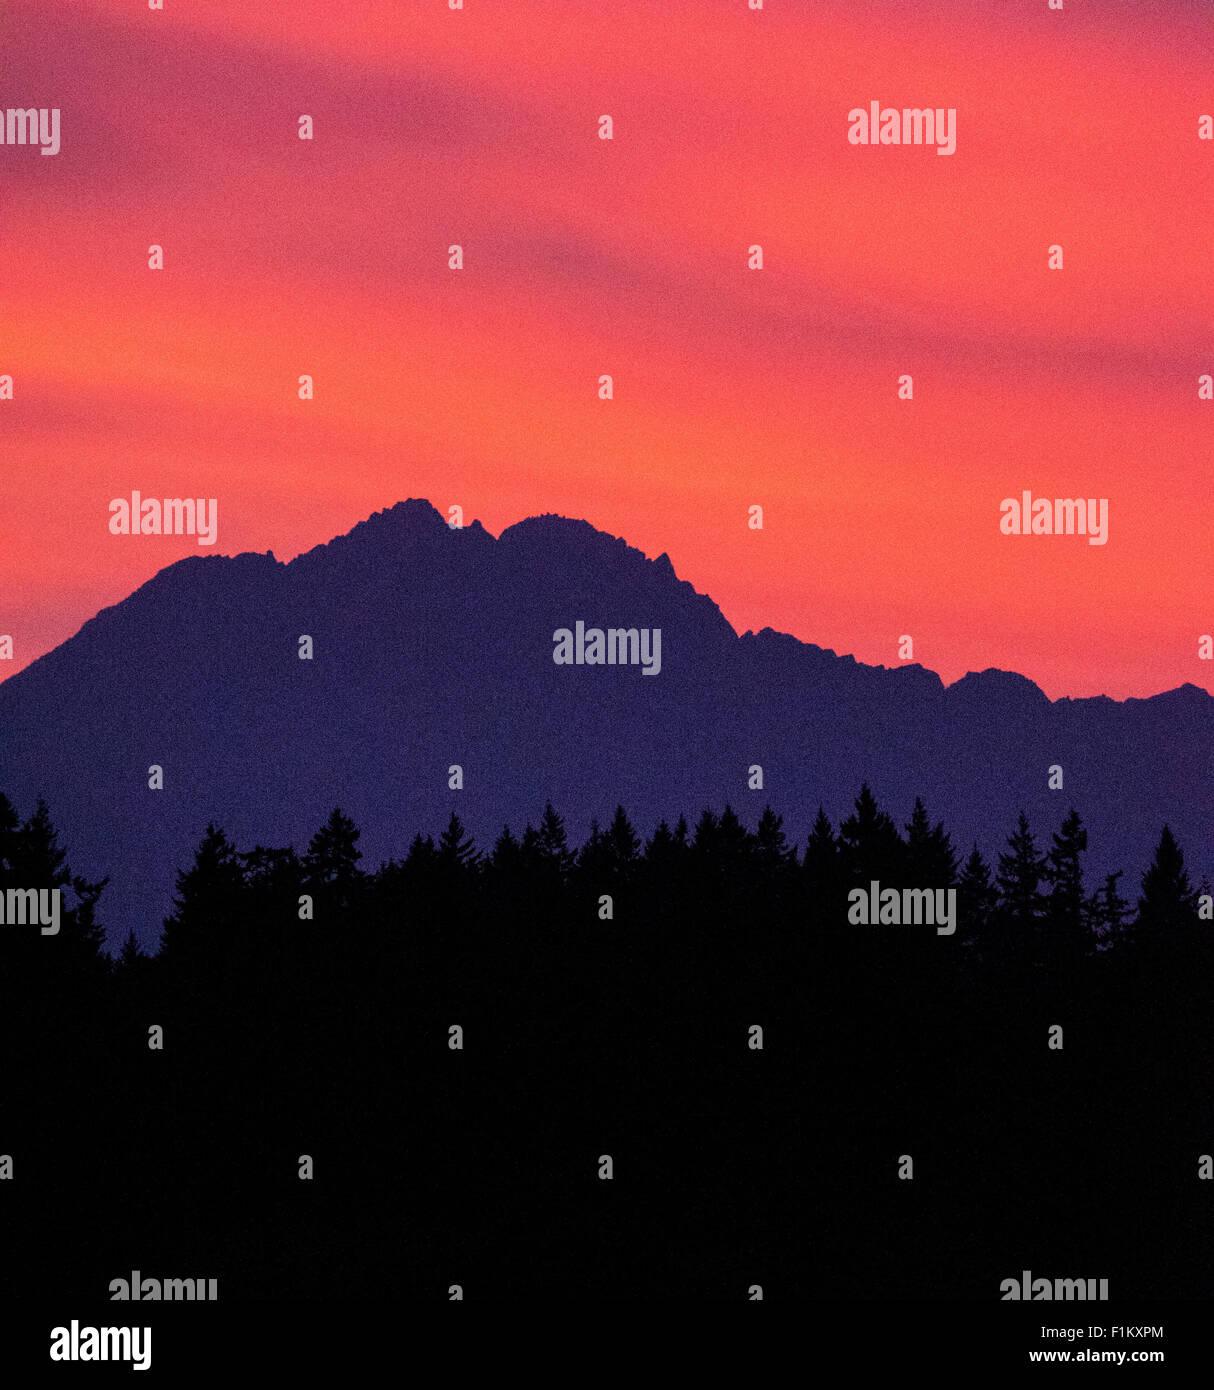 Magnifique coucher de soleil sur les montagnes olympiques, à l'Est de Puget Sound. État de Washington. Photo Stock